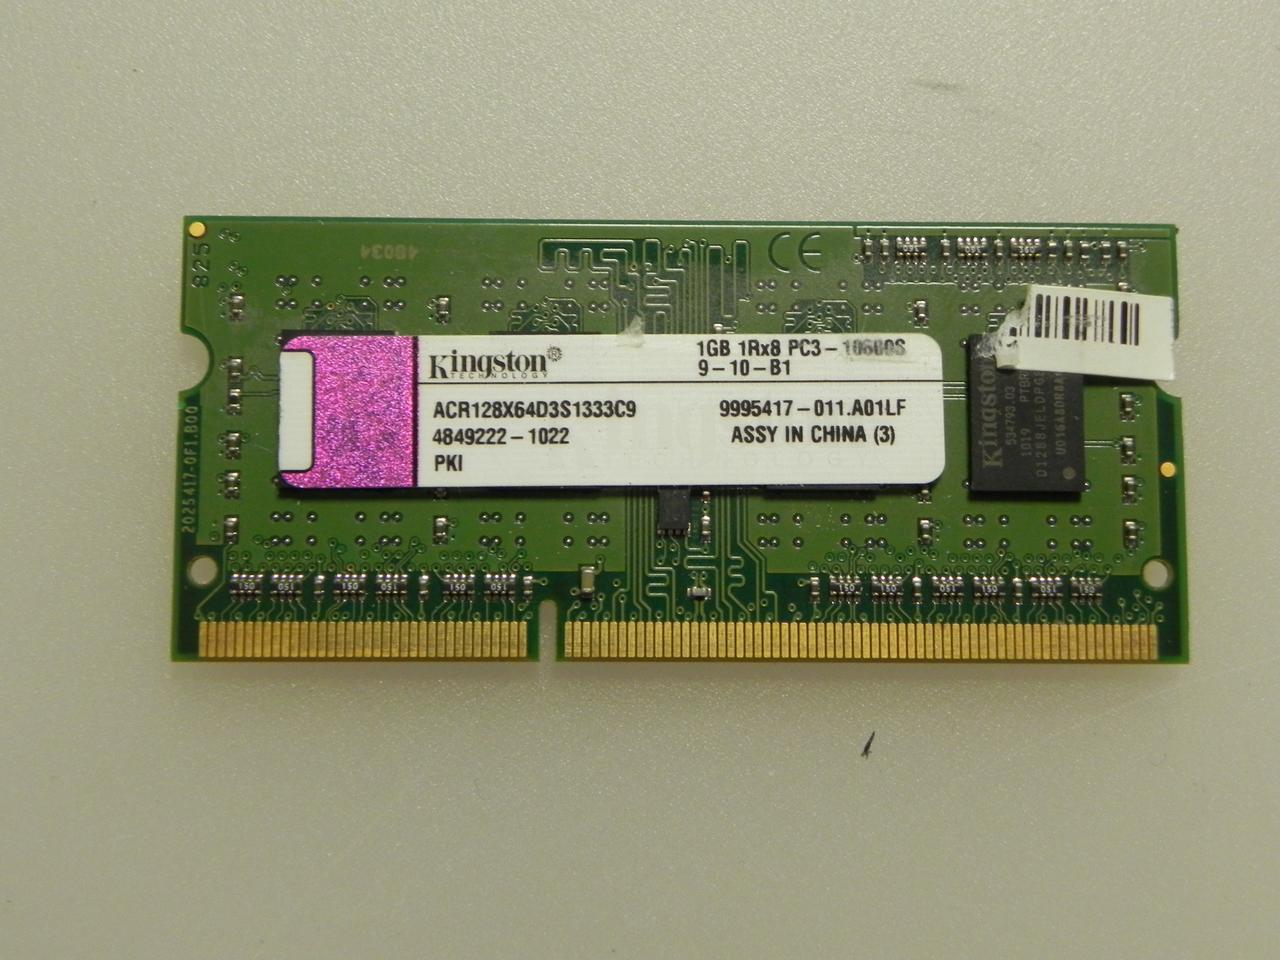 SODIMM DDR3 PC3 1GB оперативна пам'ять Kingston PC3-10600S 1GB для ноутбука. бо